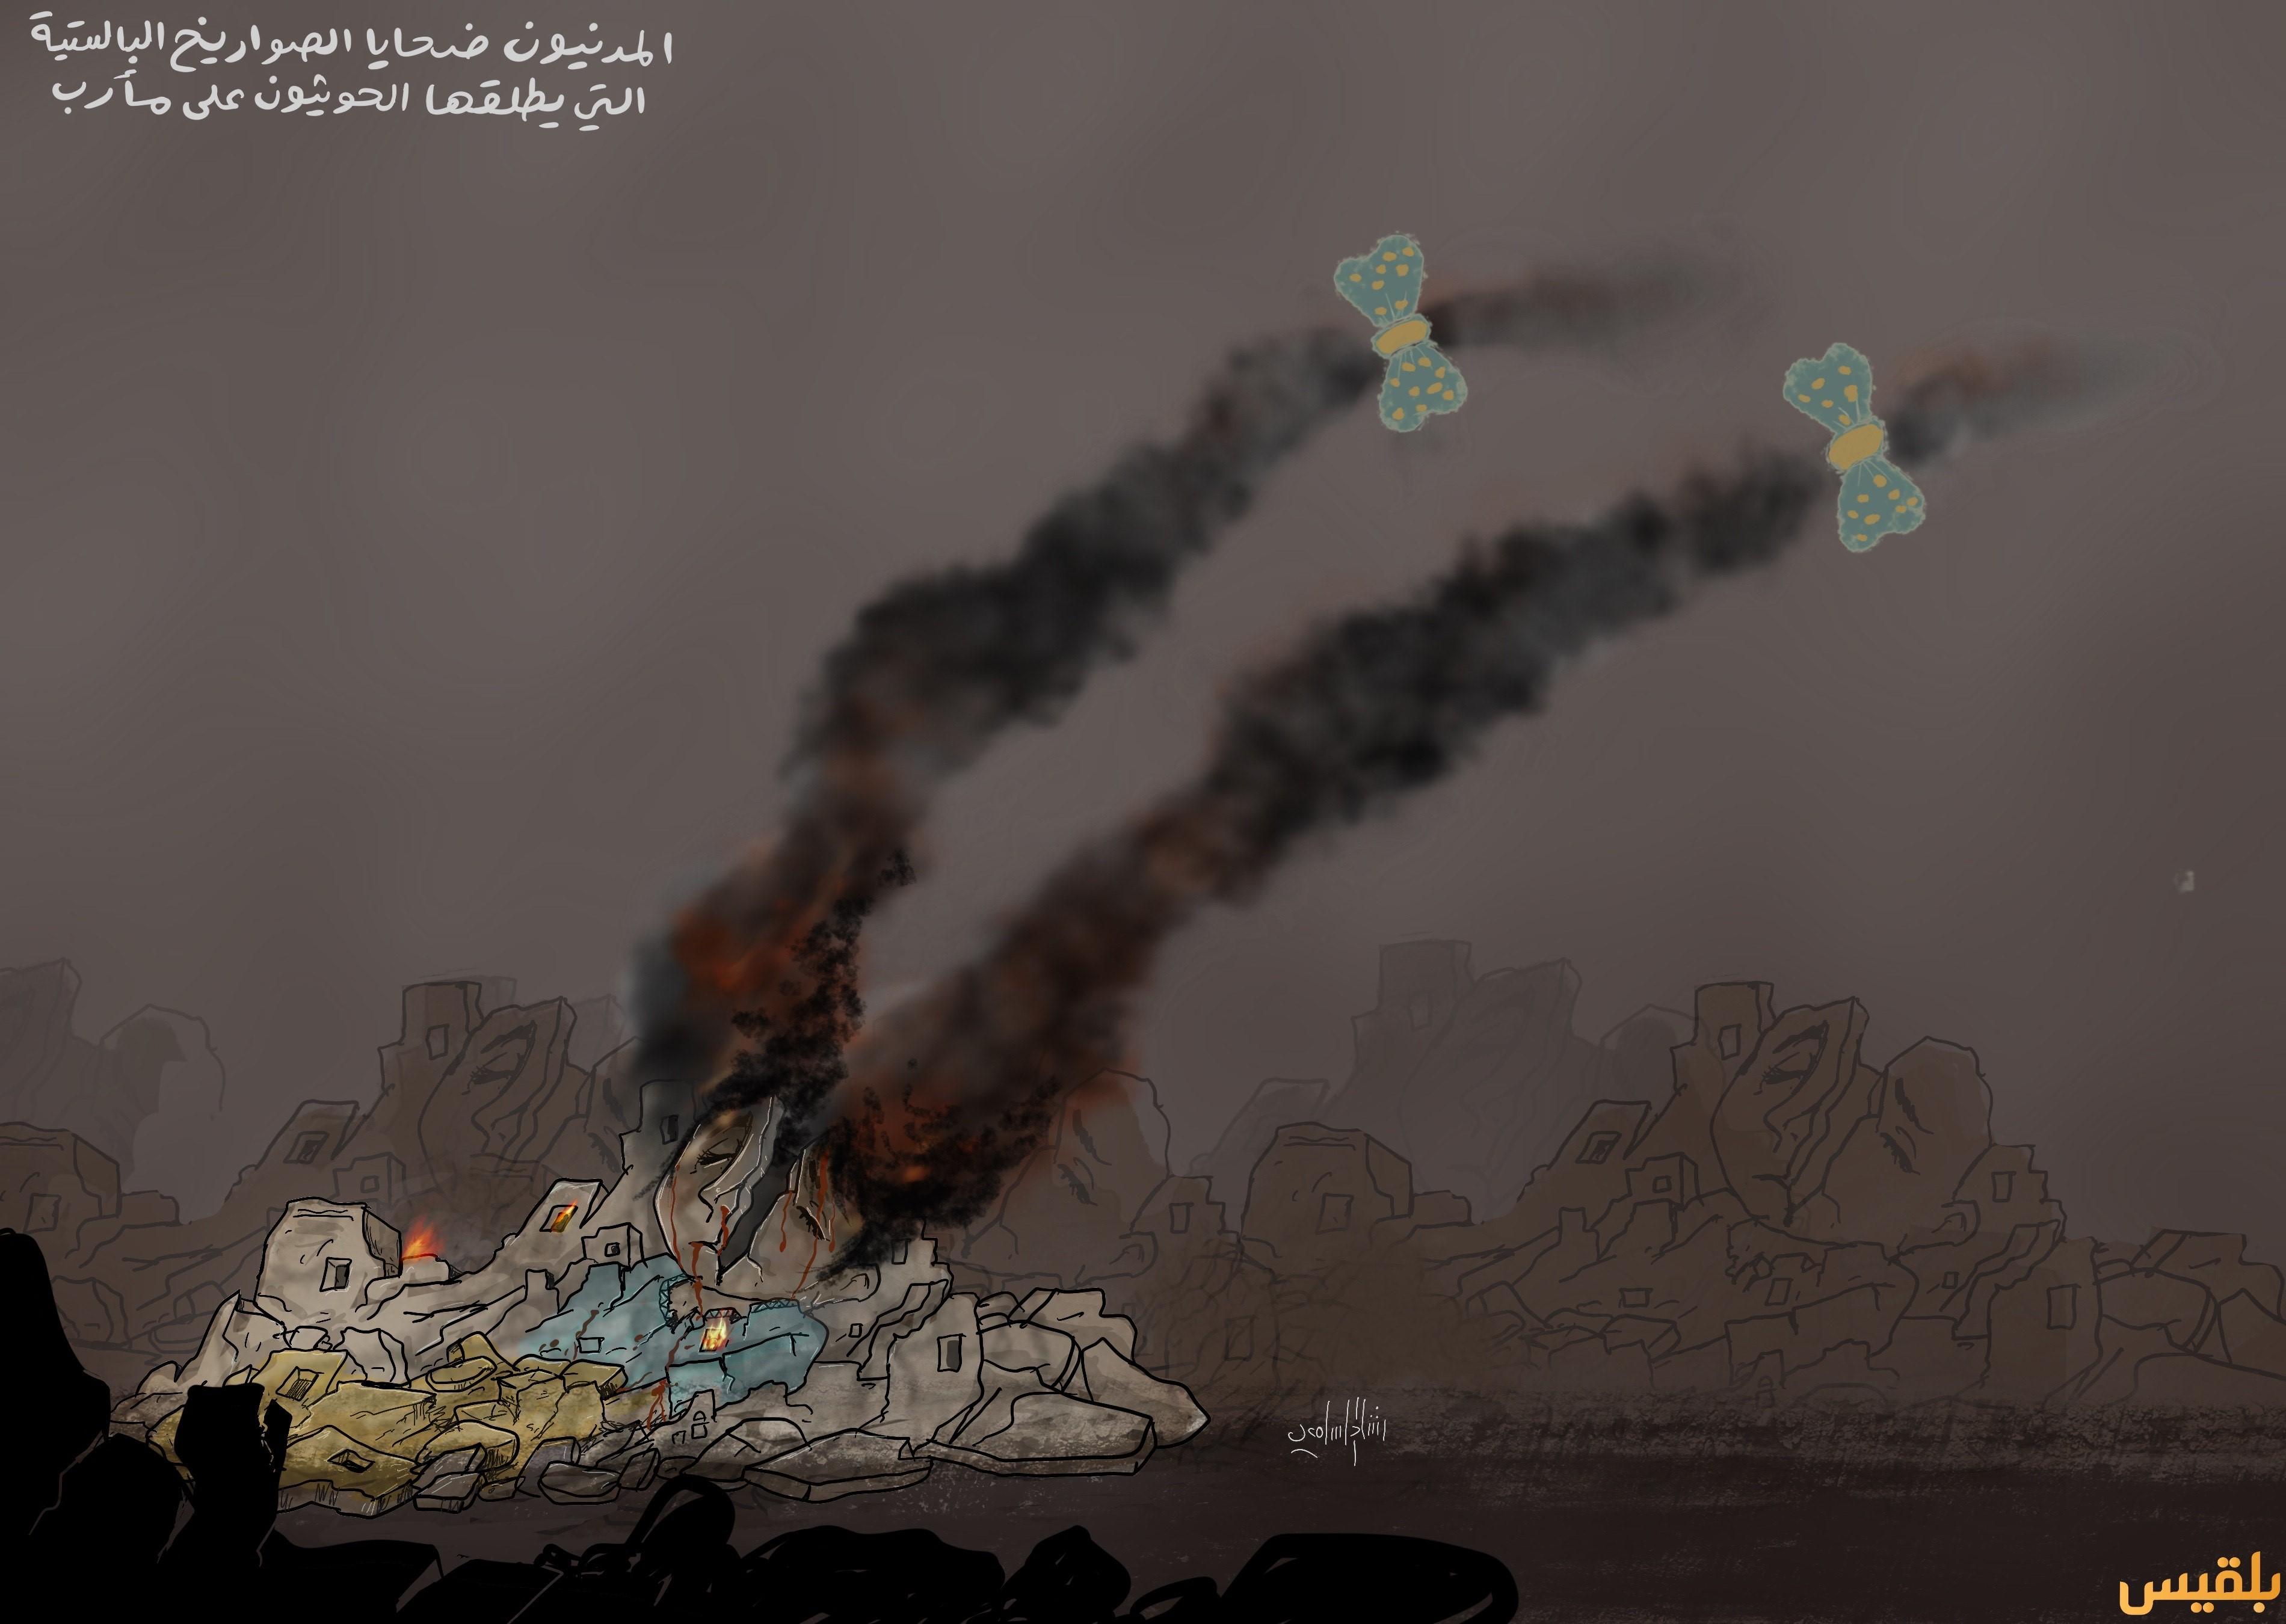 المدنيون-ضحايا-صواريخ-الحوثي-البالستية